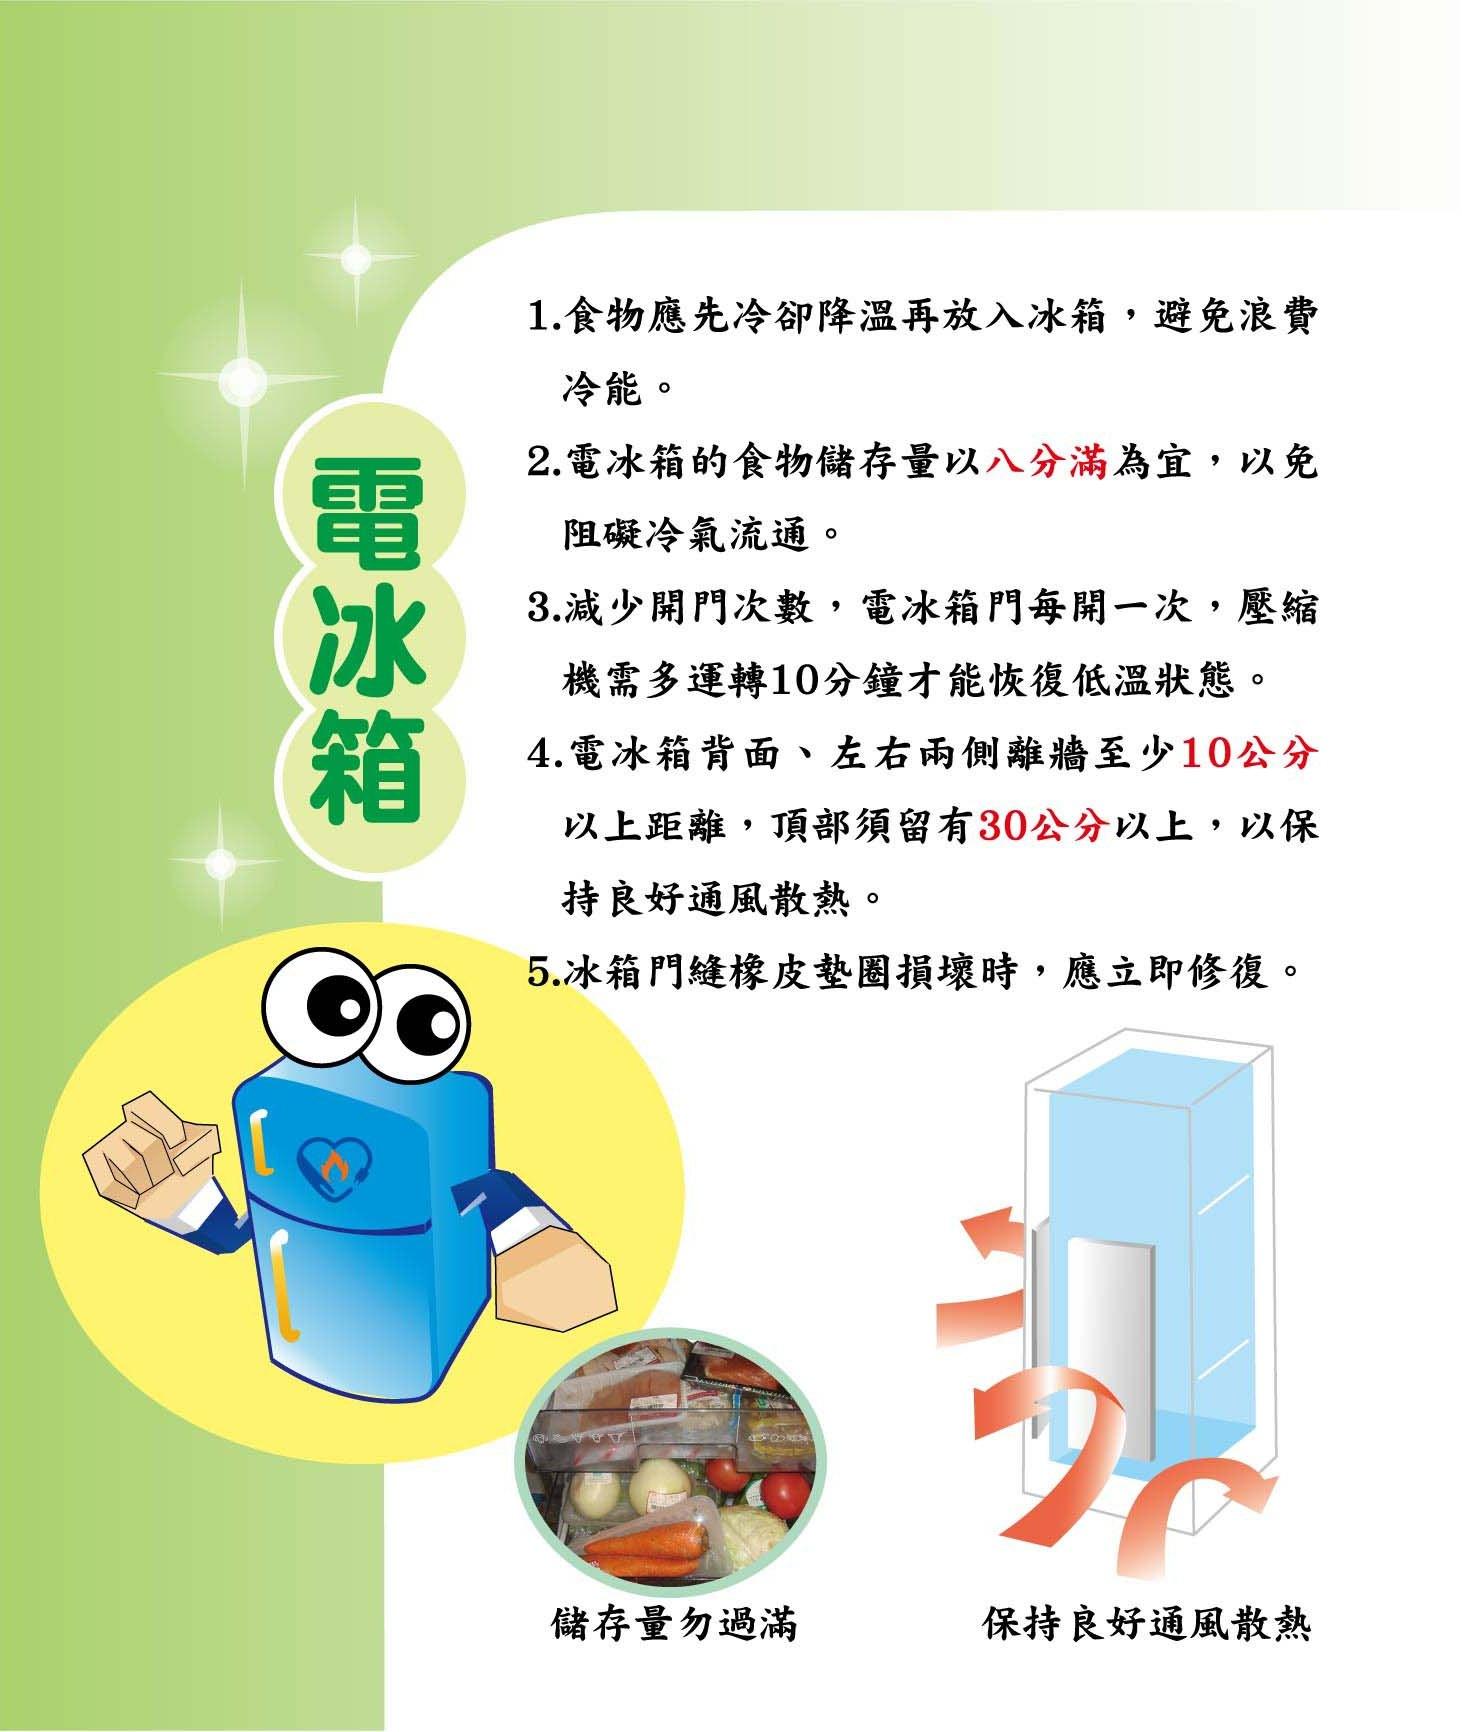 電冰箱省電方法